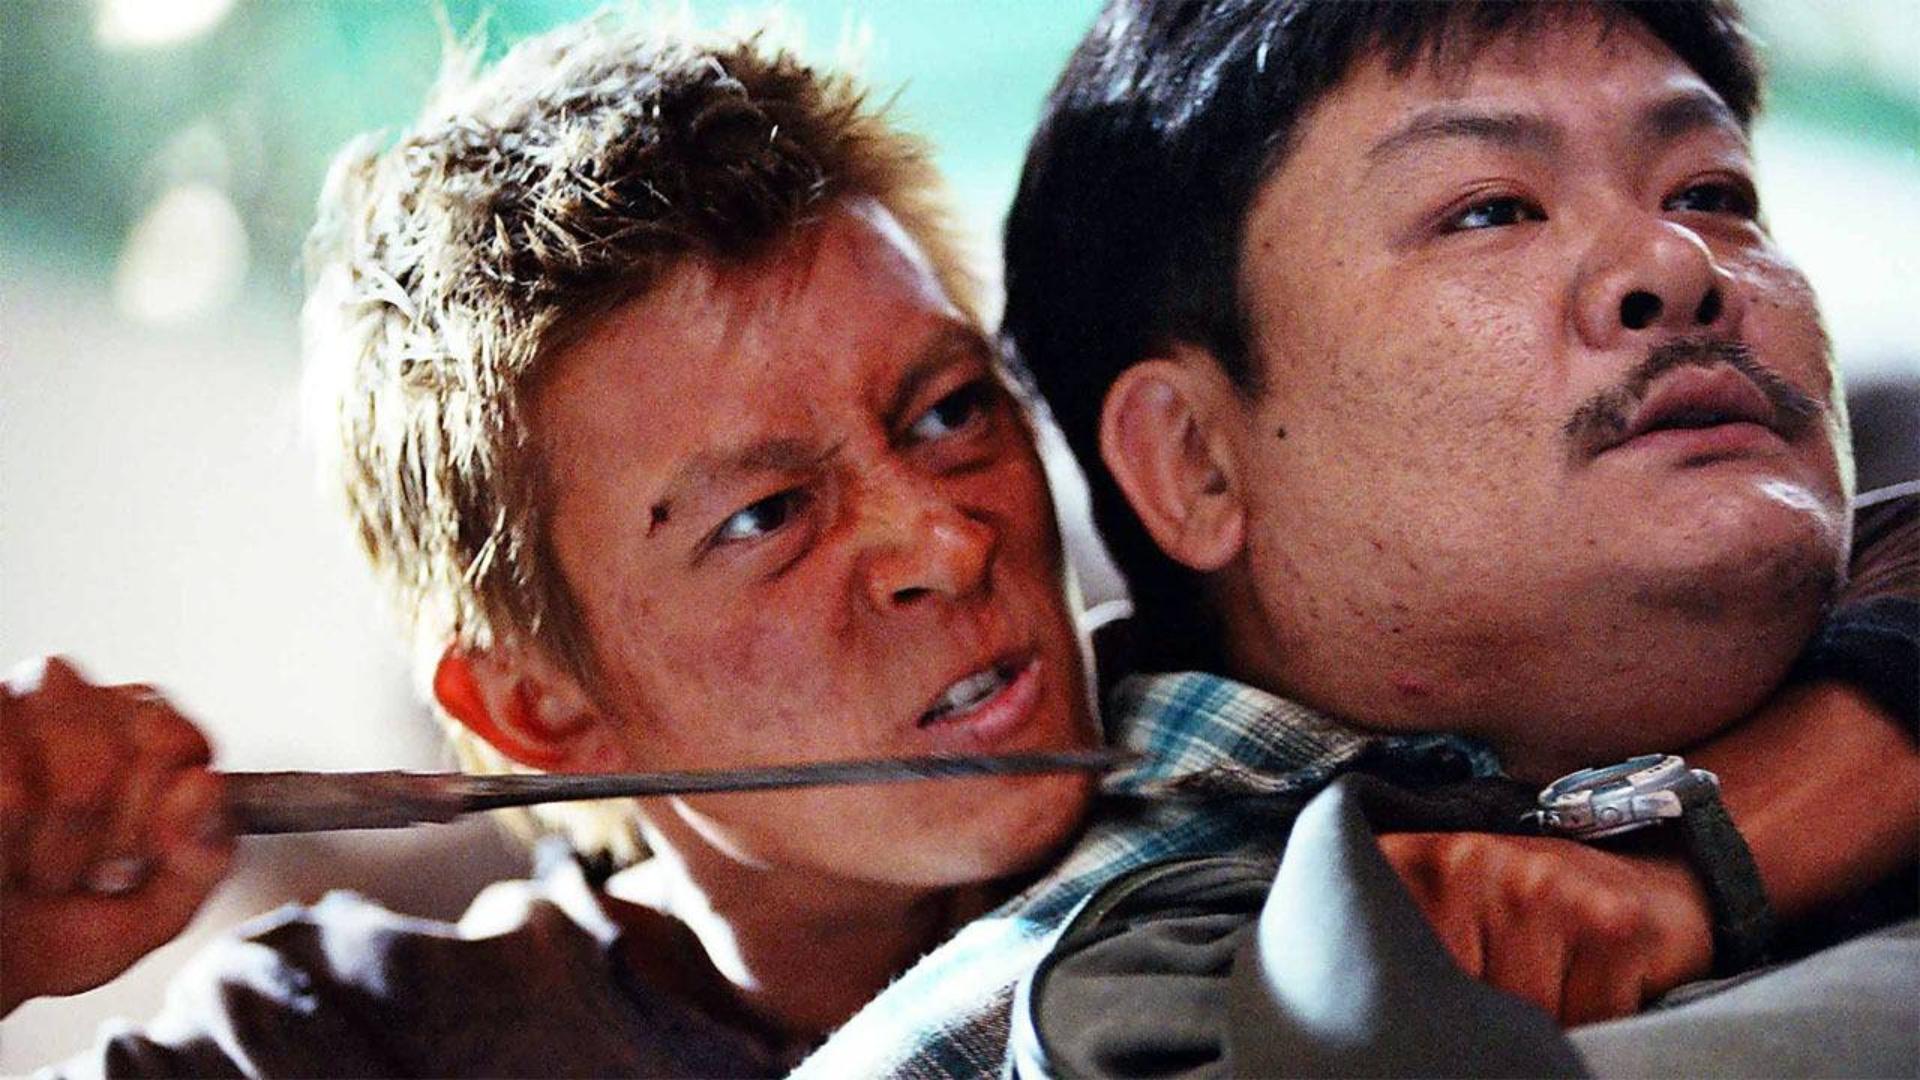 香港黑色犯罪电影,陈冠希说了不到10句话,却成为他的巅峰之作!